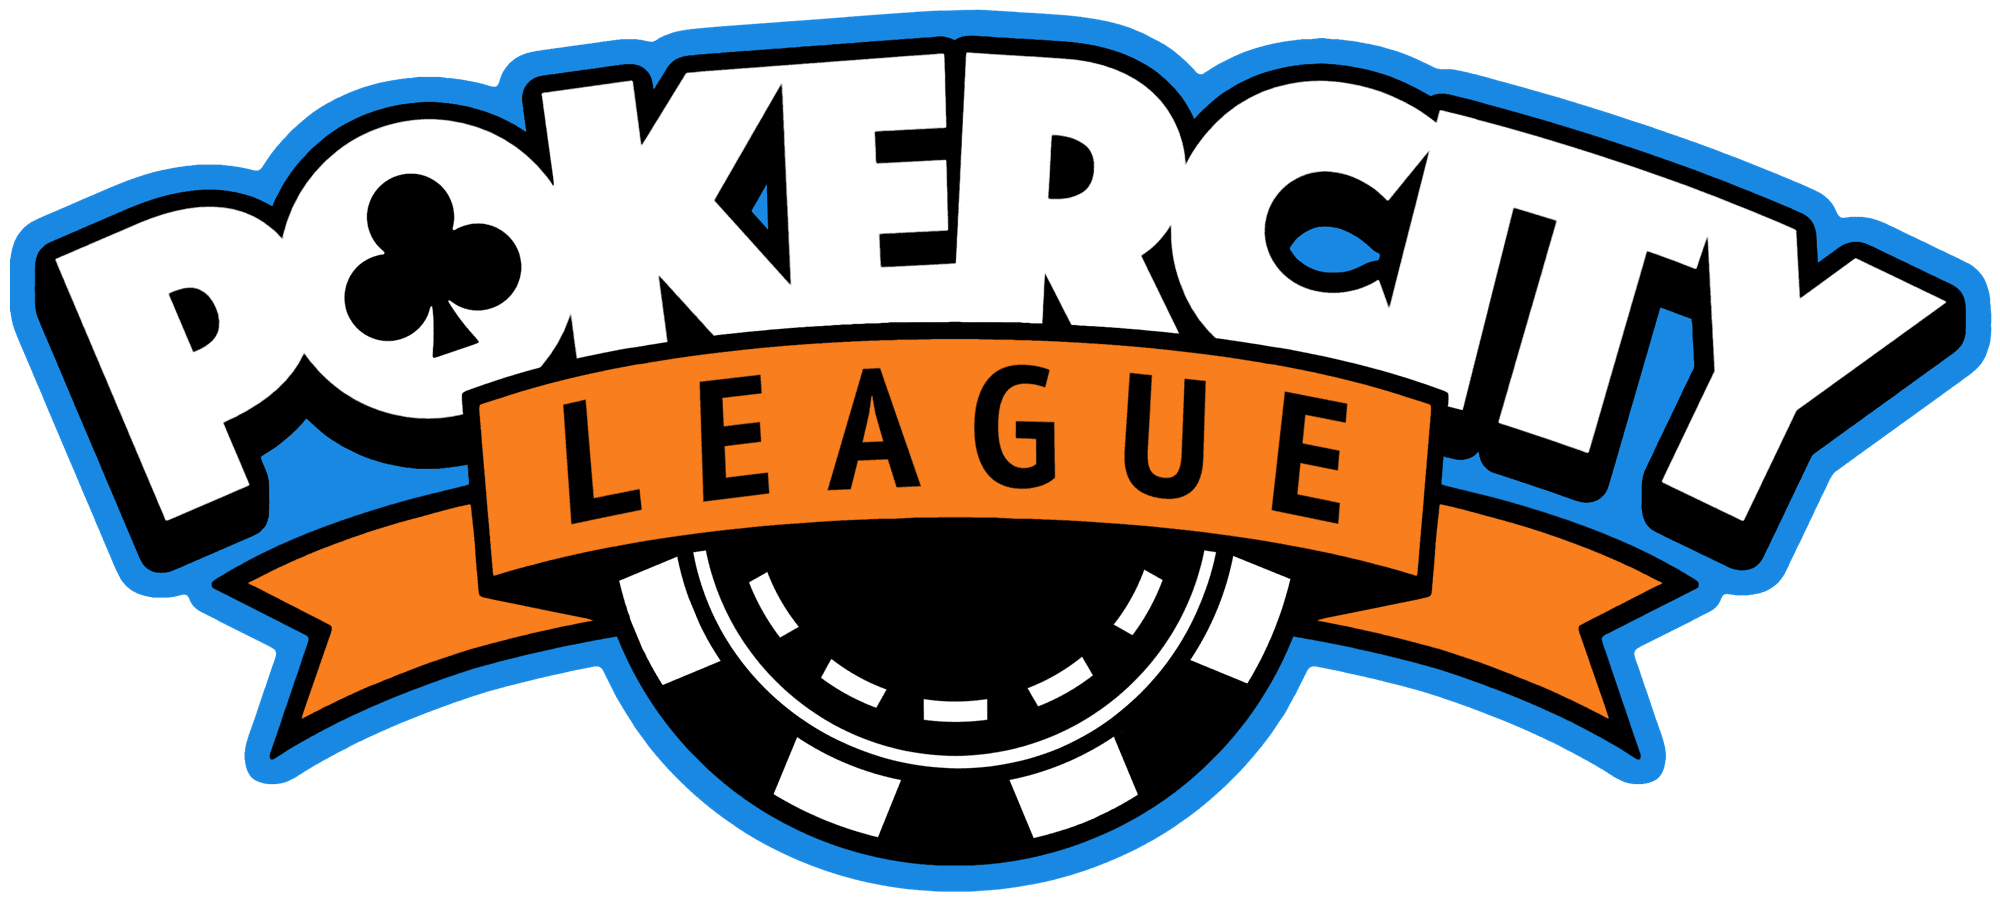 PokerCity League Tickets